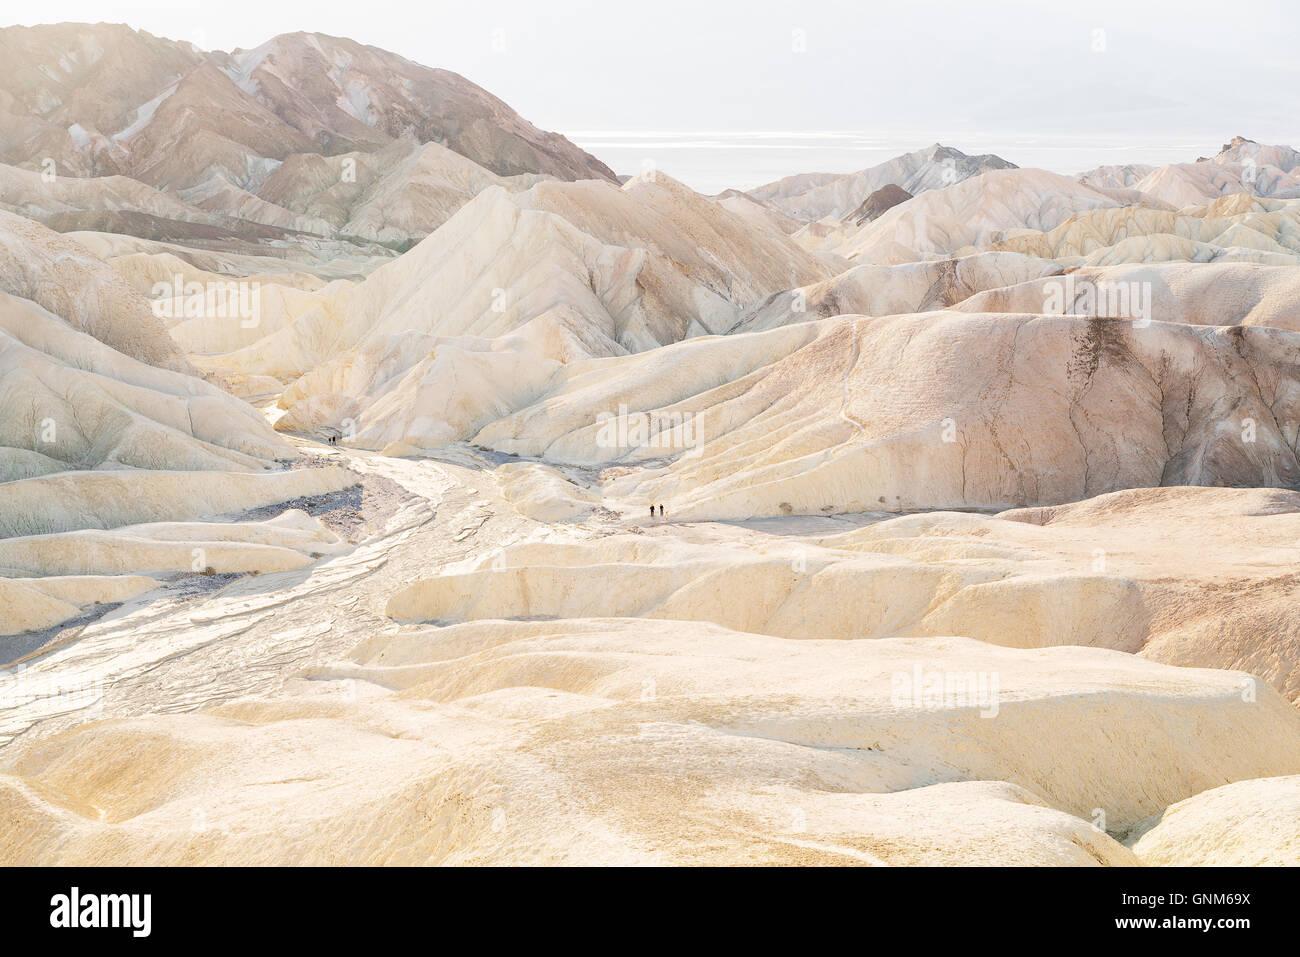 Dans Zabriskie Point Death Valley National Park Photo Stock